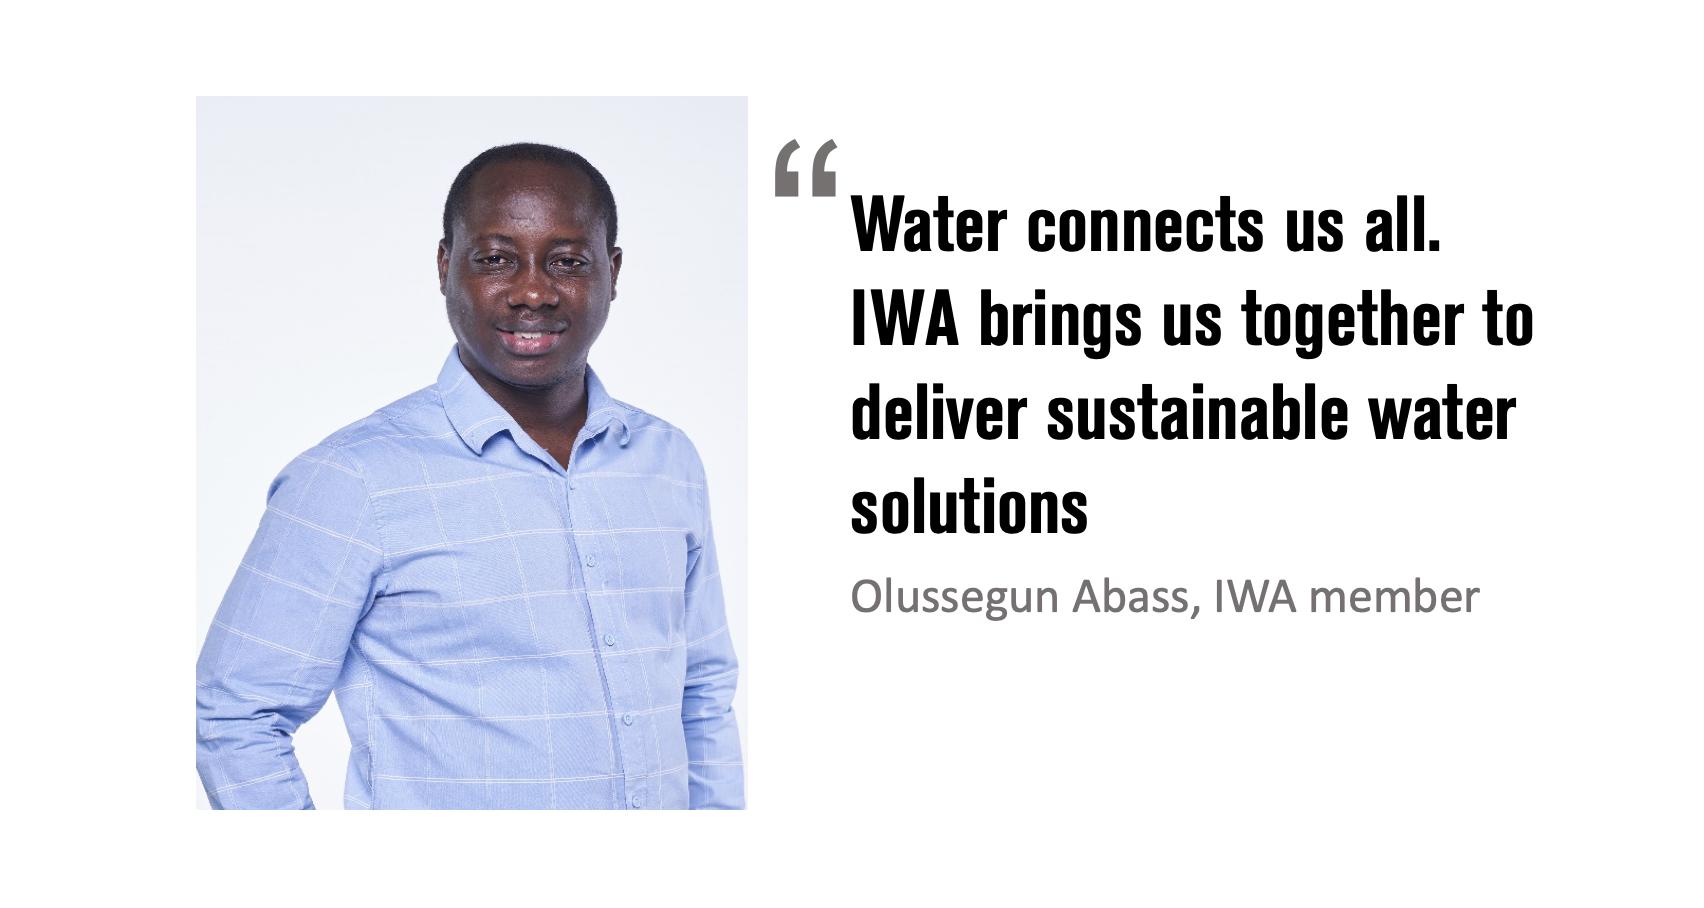 International Water Association - International Water Association